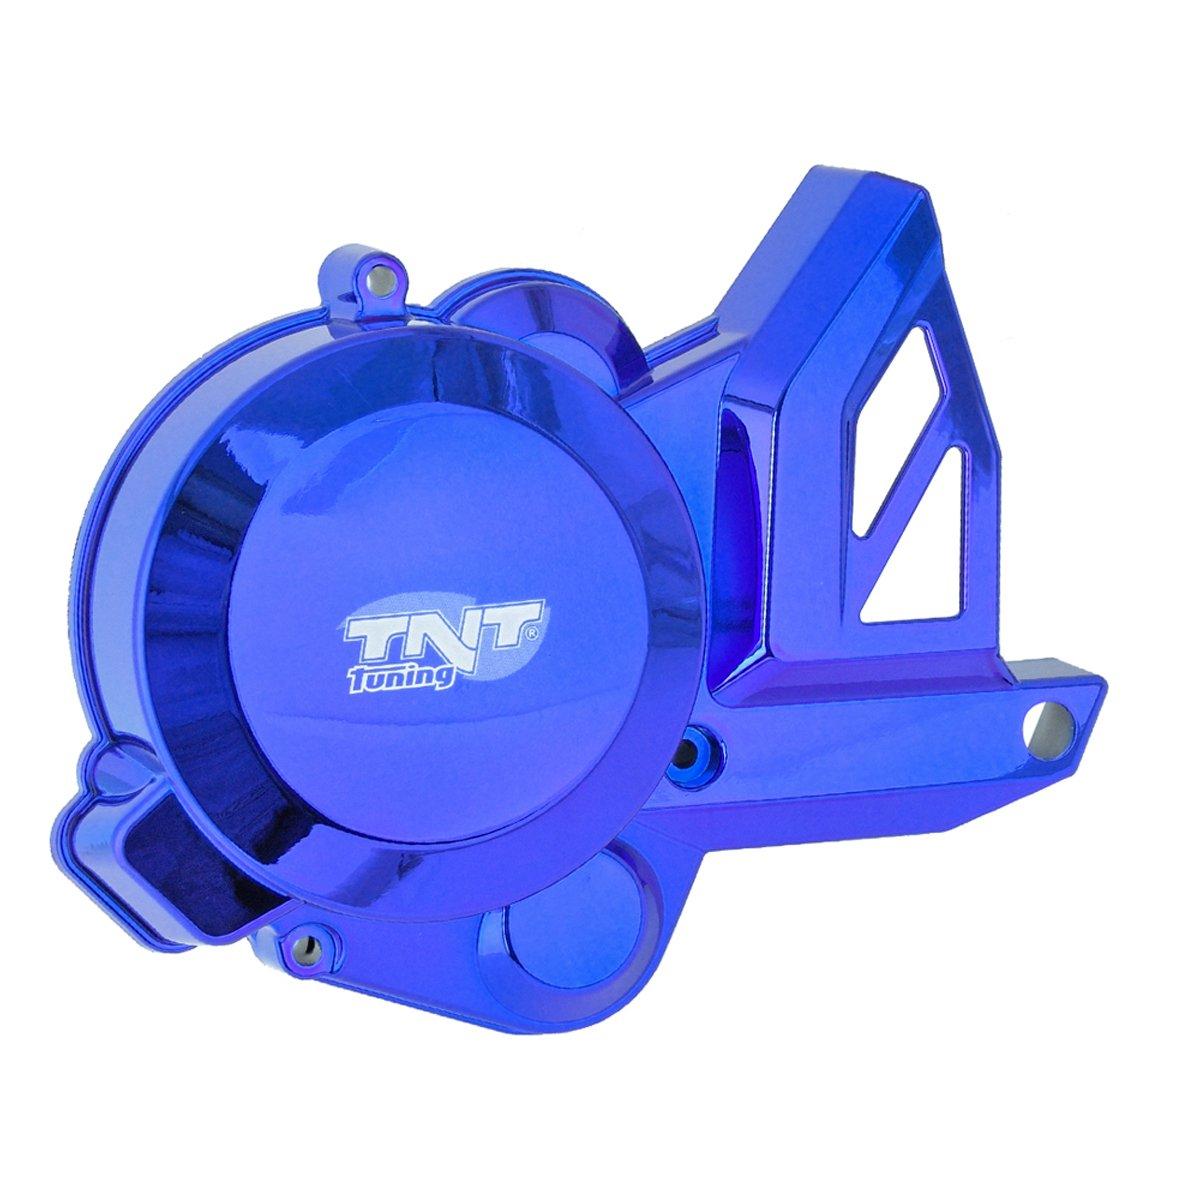 tnttu 289078 a Carter Accensione Adattatore Senda Nm, Blu in alluminio SACIM Distribution 289078A